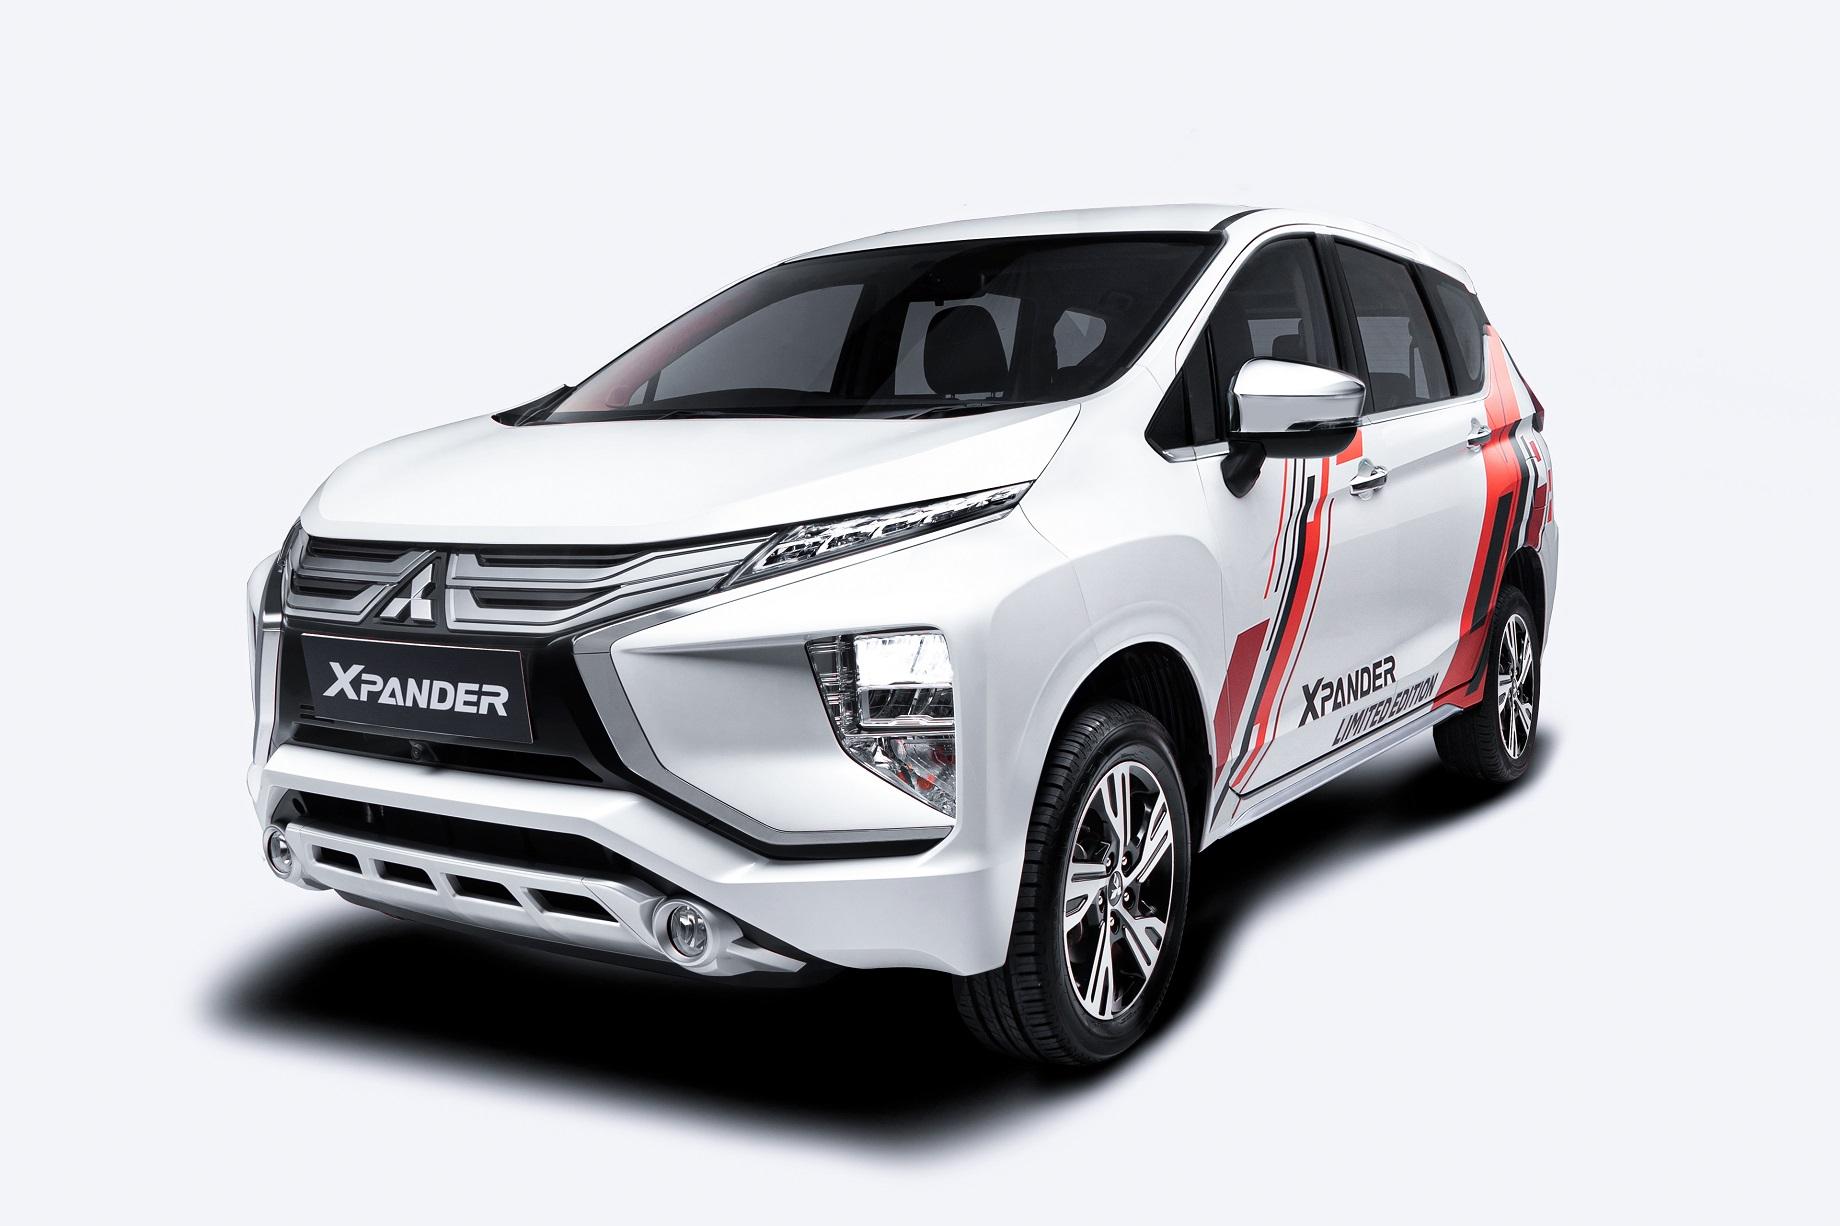 Mitsubishi Xpander phiên bản đặc biệt ra mắt tại Việt Nam, giá 630 triệu đồng xpander-sam-ngoai-that-02.jpg